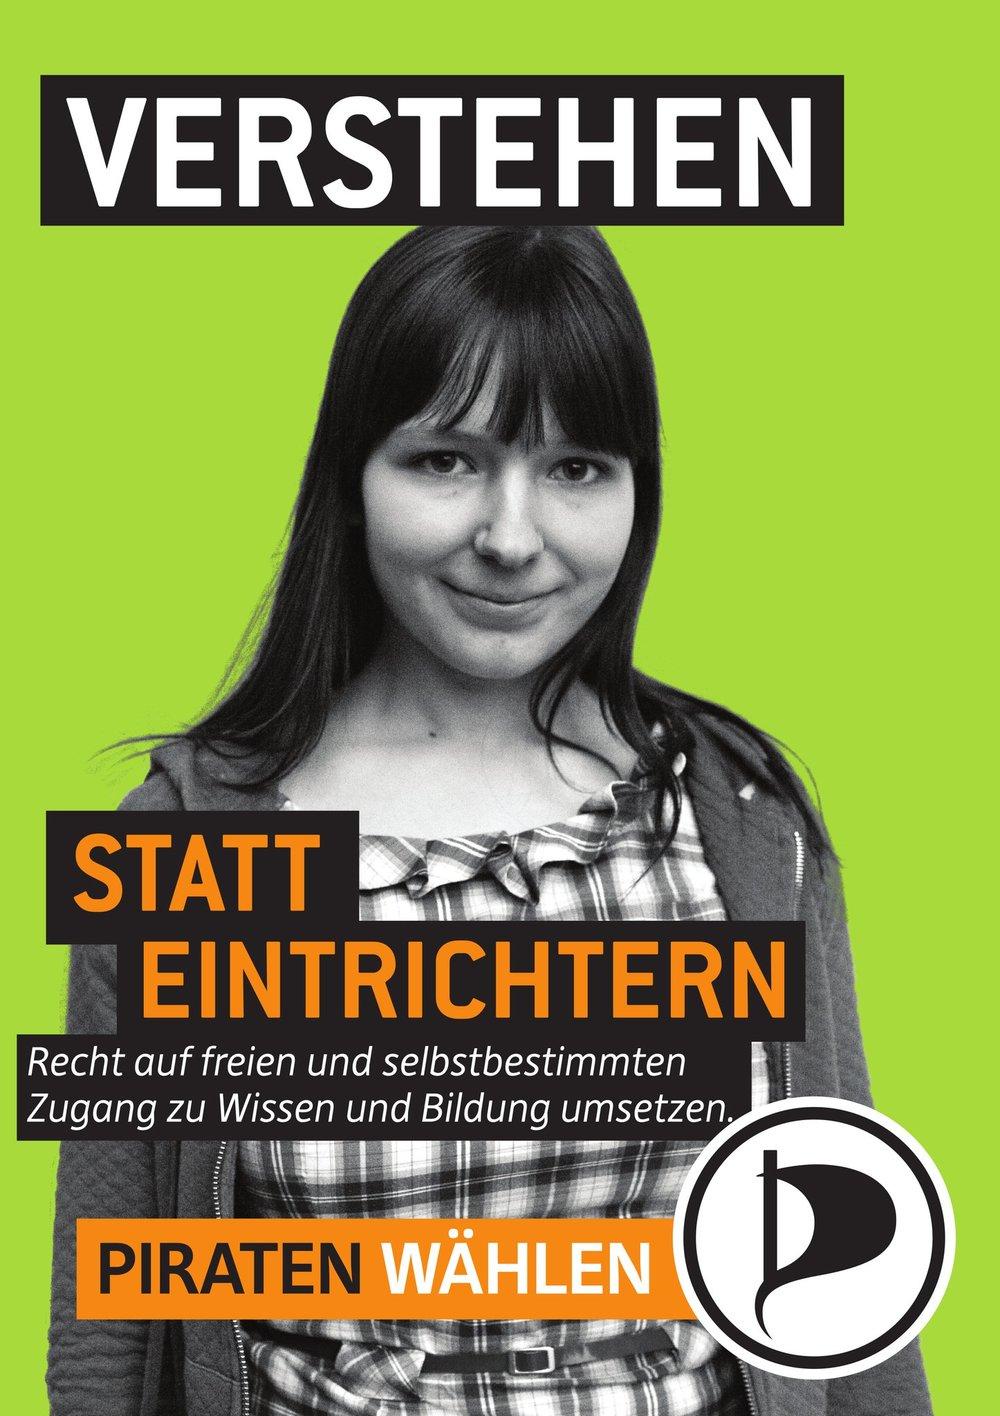 berlinplakat.11.jpg